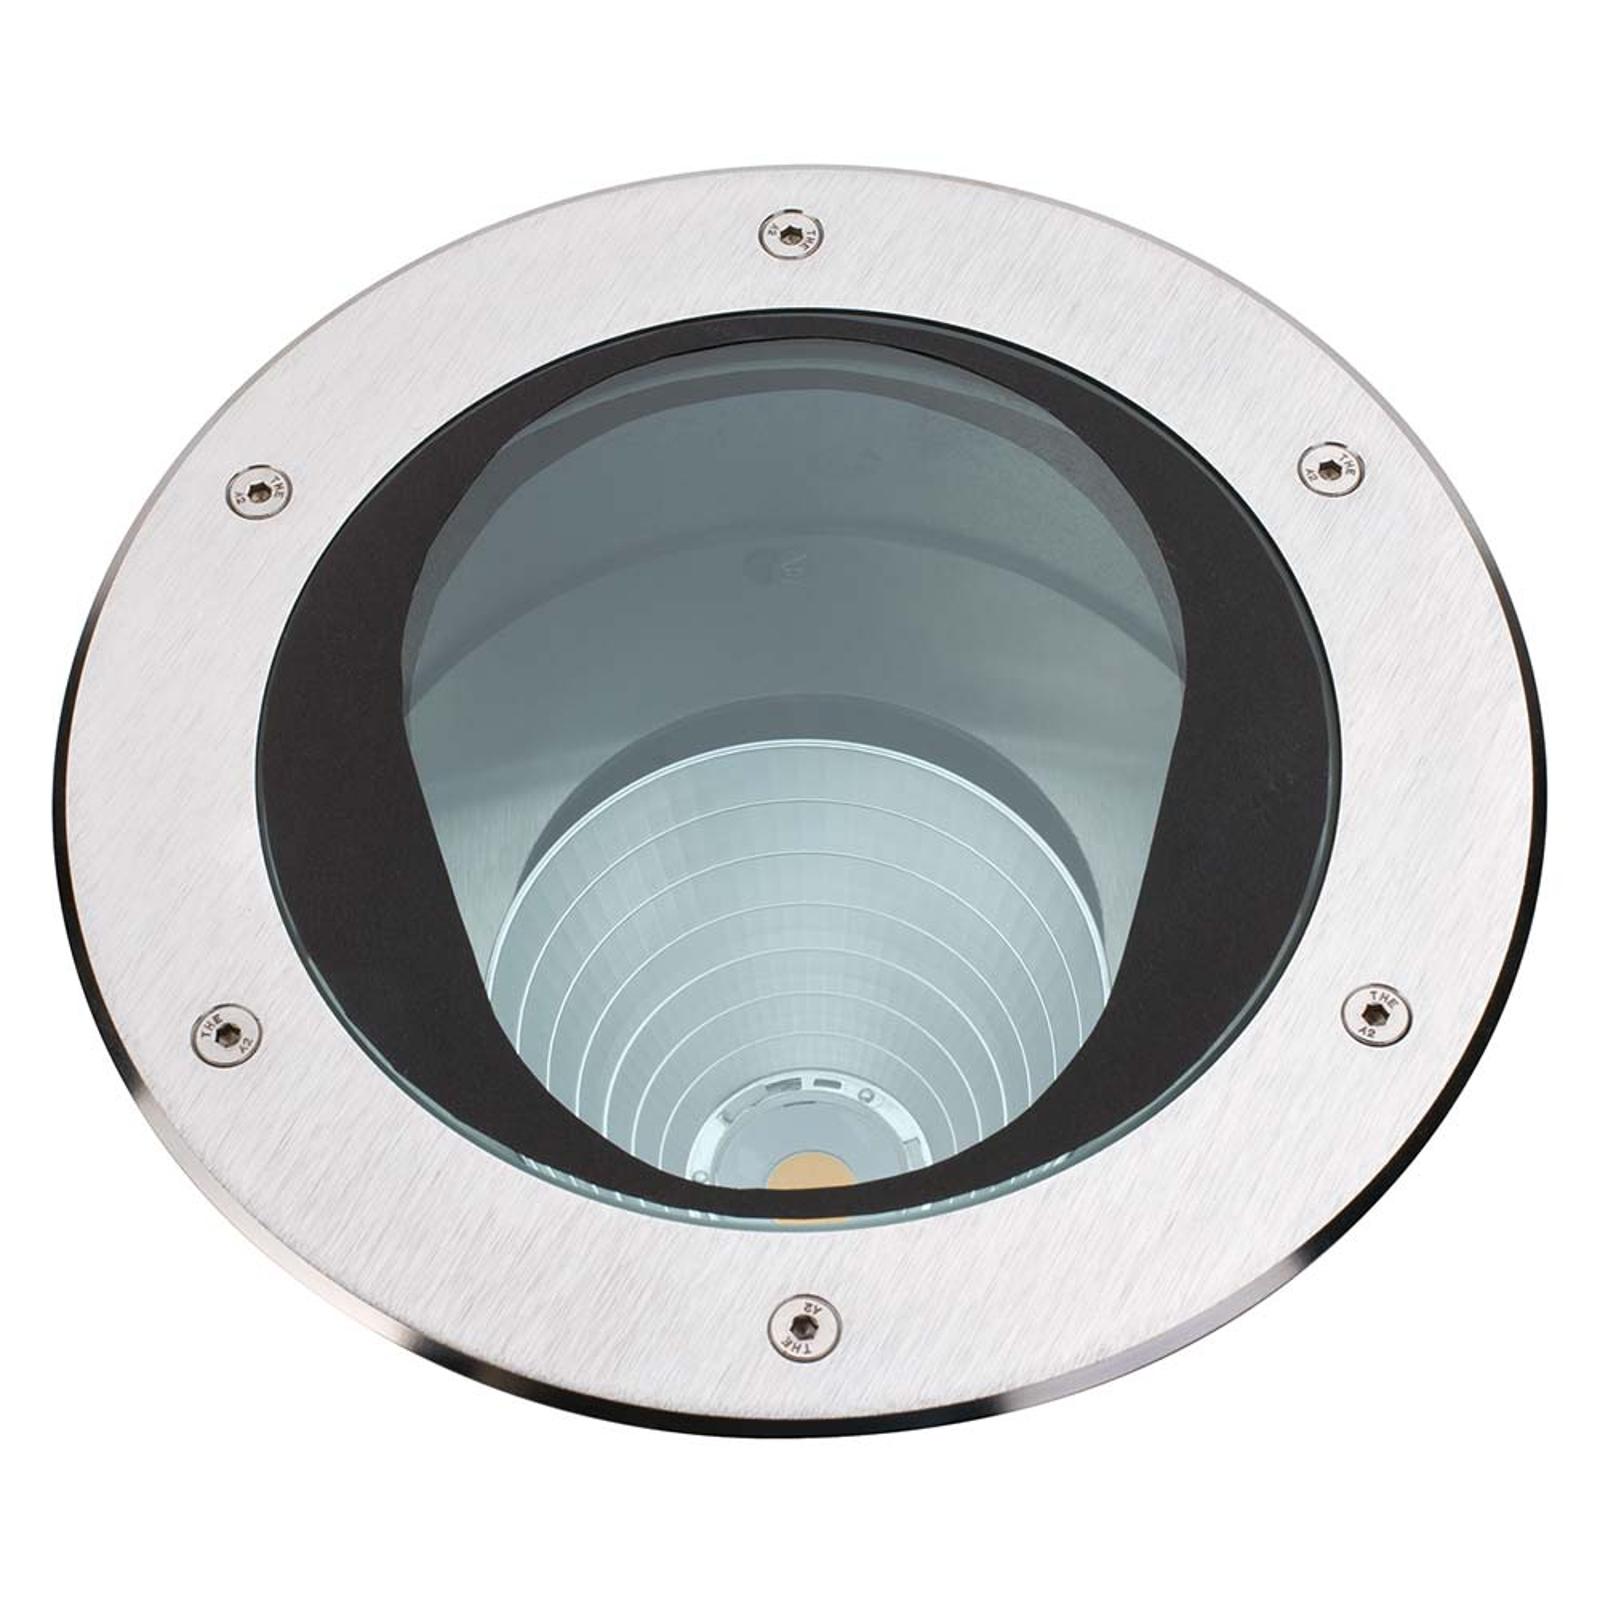 Käännettävä, upotettava Titus-LED-maaspotti 16 W